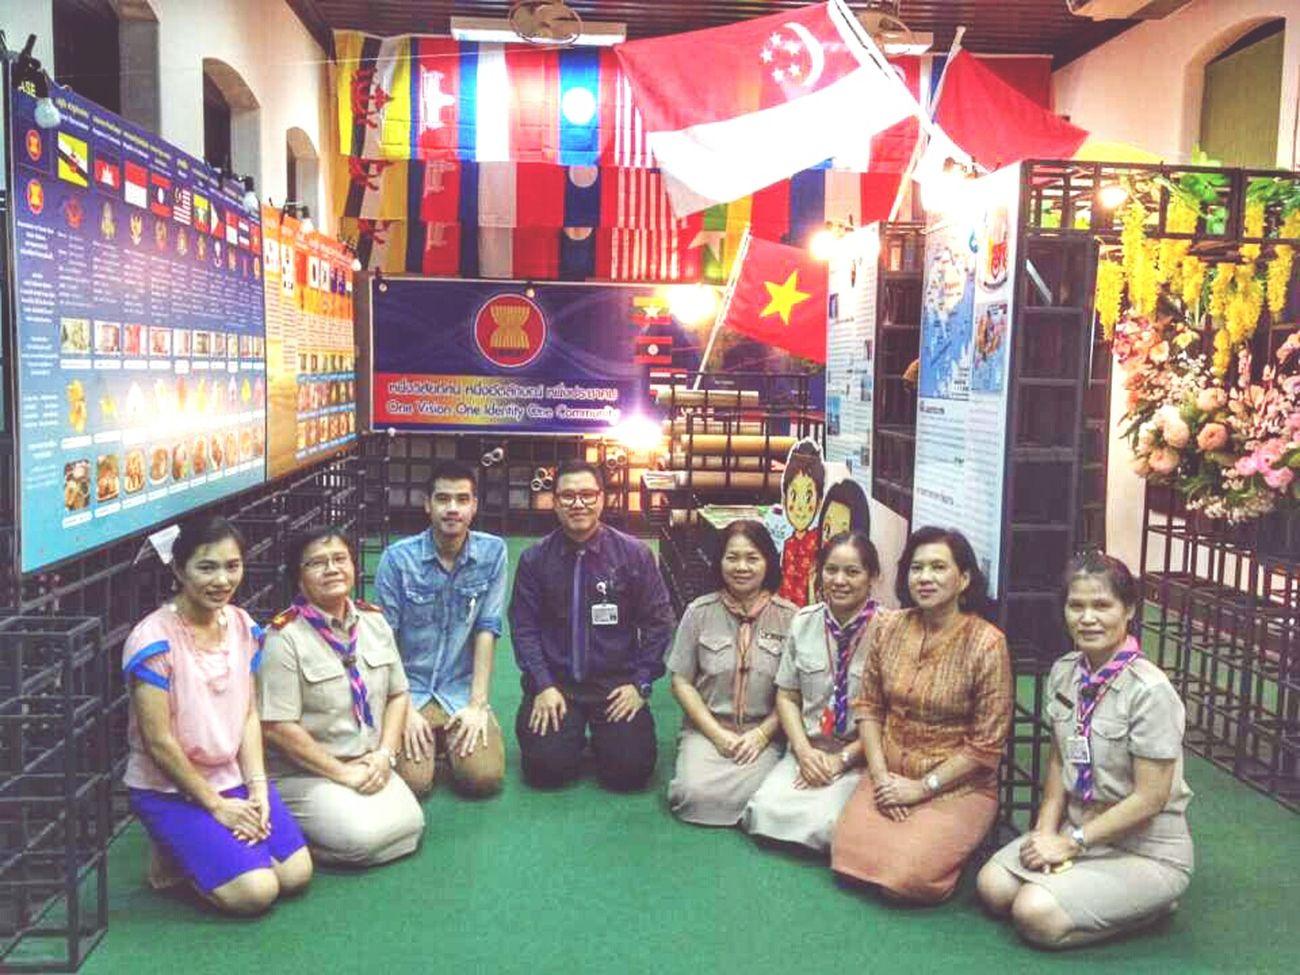 ประเทศไทยจะพร้อมเข้าสู่ประชามอาเซียนภายในปีนี้หรือไม่ก็ไม่อาจรู้ แต่ศูนย์อาเซียนศึกษาพร้อมให้ความรู้กับนักเรียนเสมอ